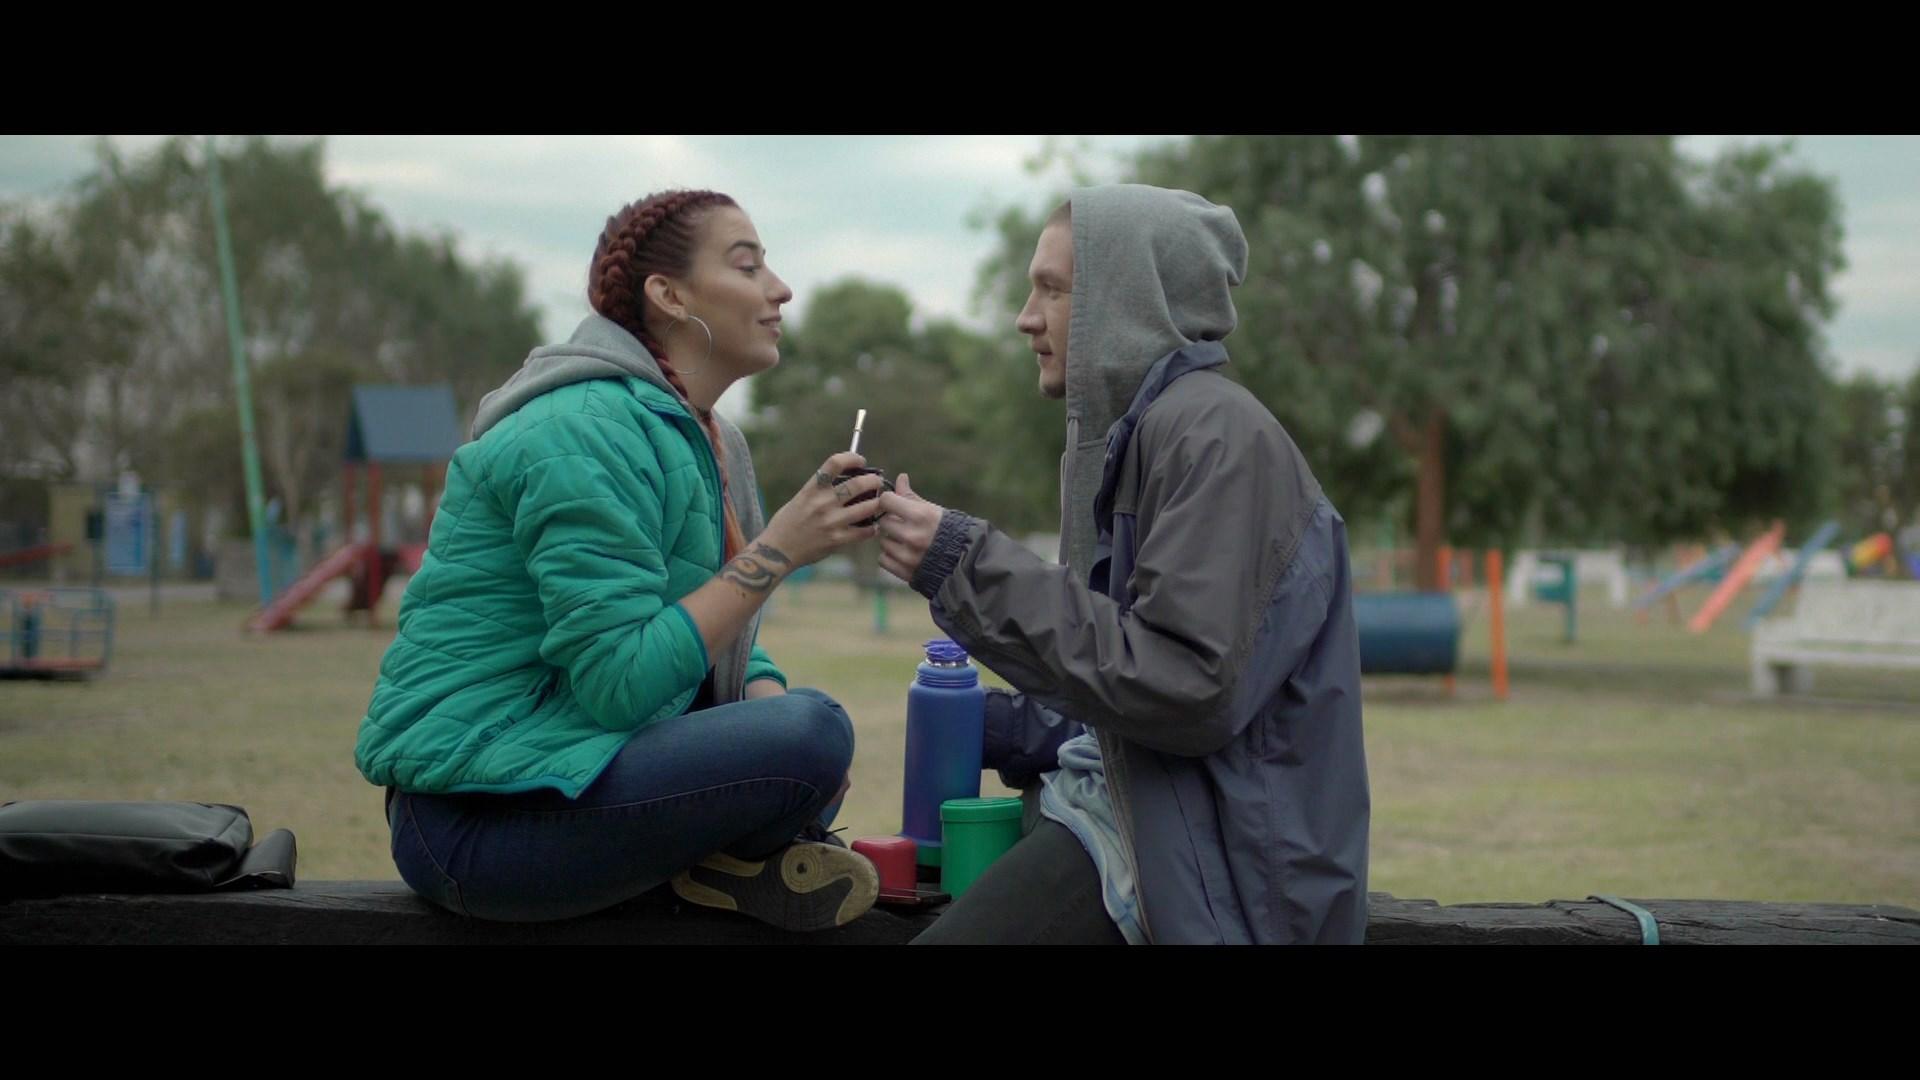 Broder Temporada 1 (2019) 1080p WEB-DL Latino